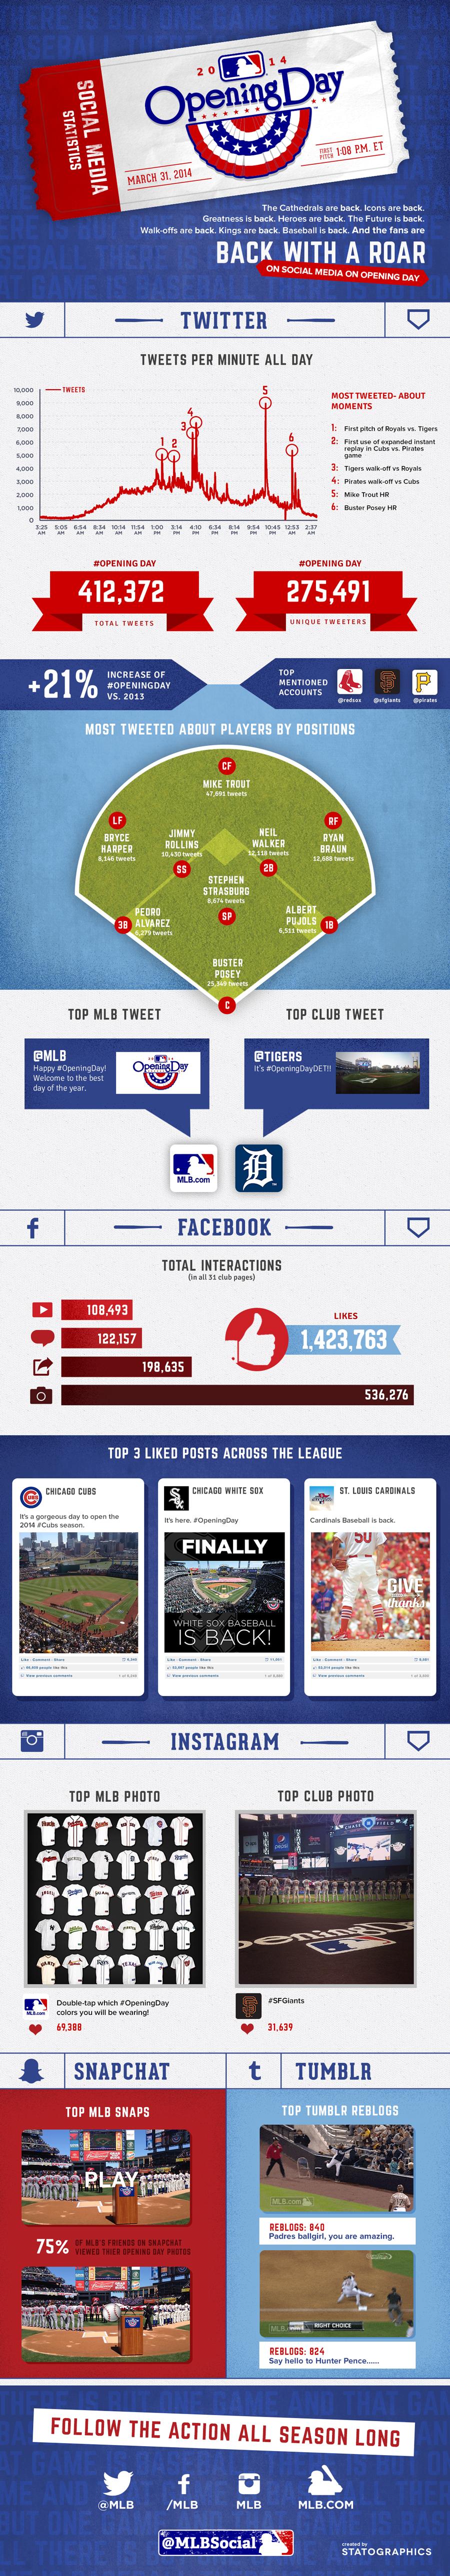 MLB Opening Day 2014 Social Media Stats